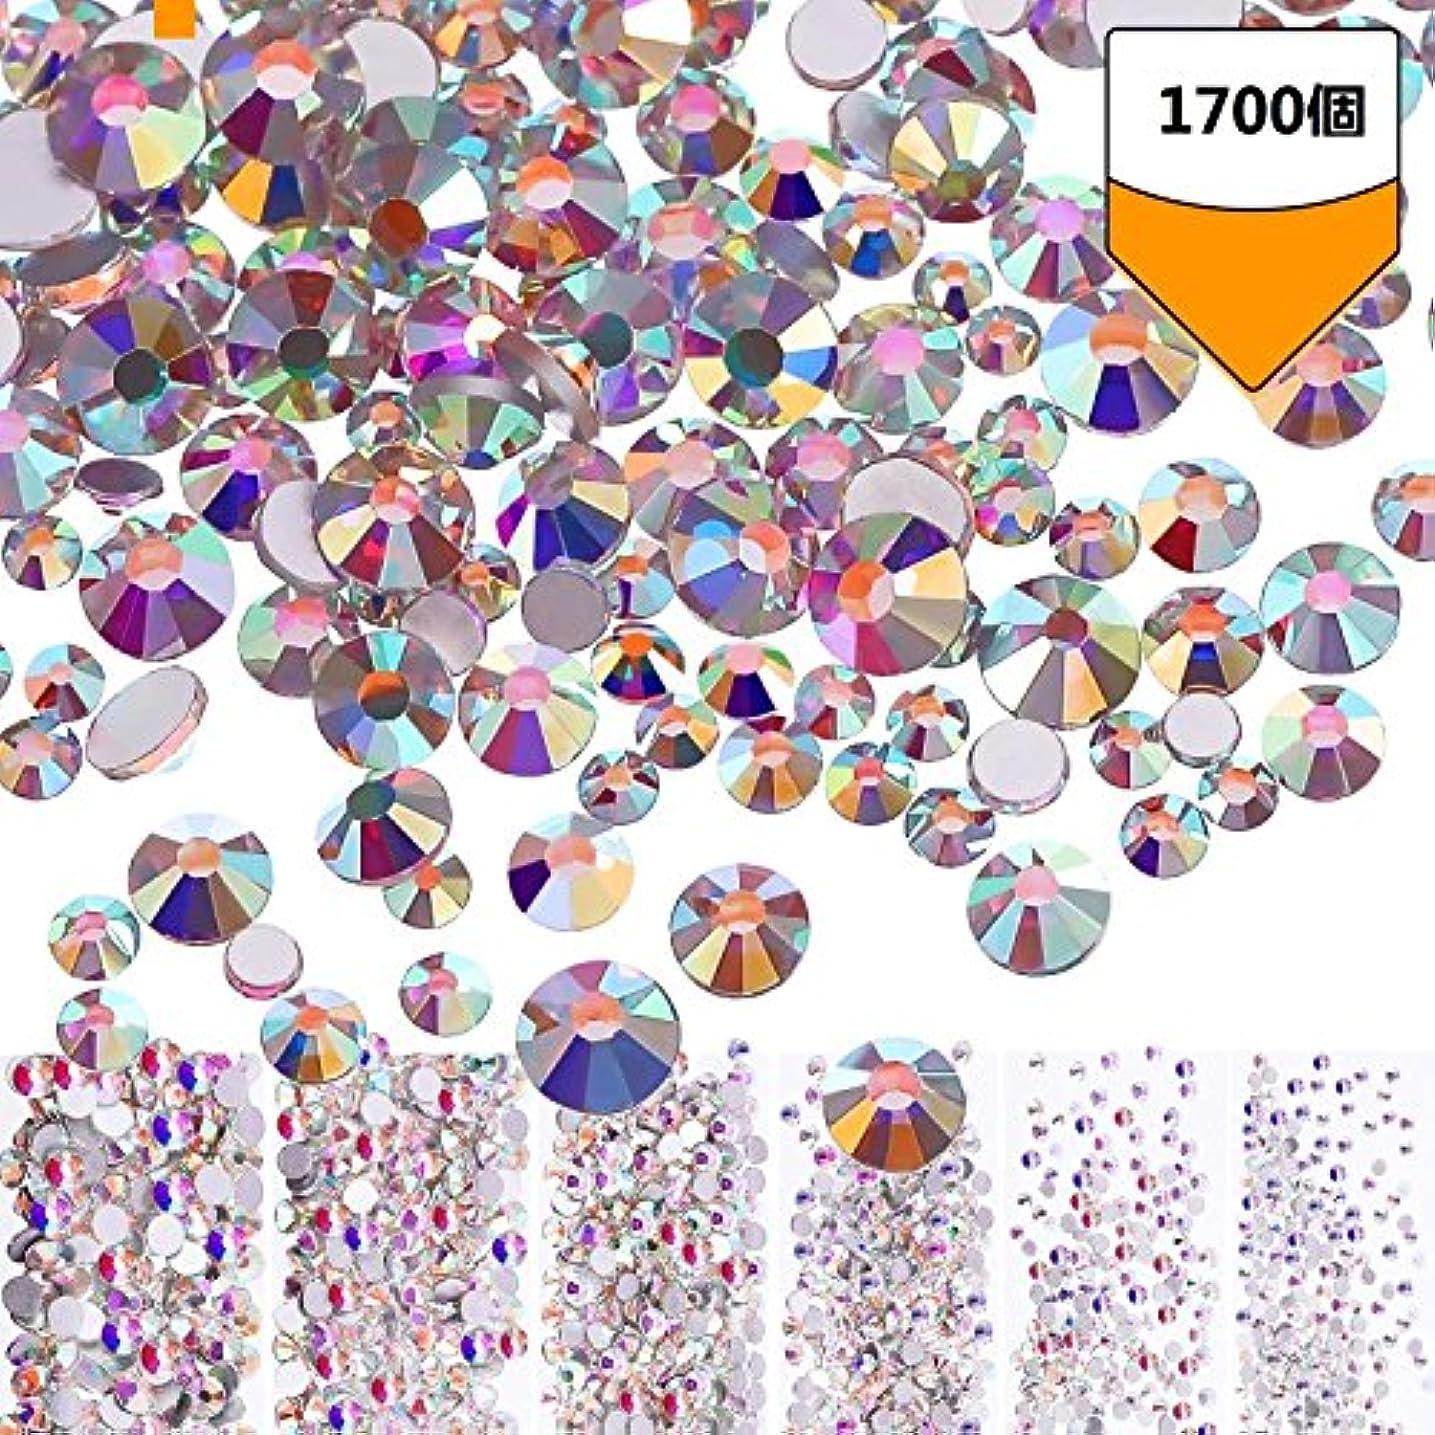 意志に反する羽透明にラインストーン ネイル デコ ガラスストーン クリスタル 改良 高品質ガラス製ラインストーン(1.6mm-3mm 約1700粒)